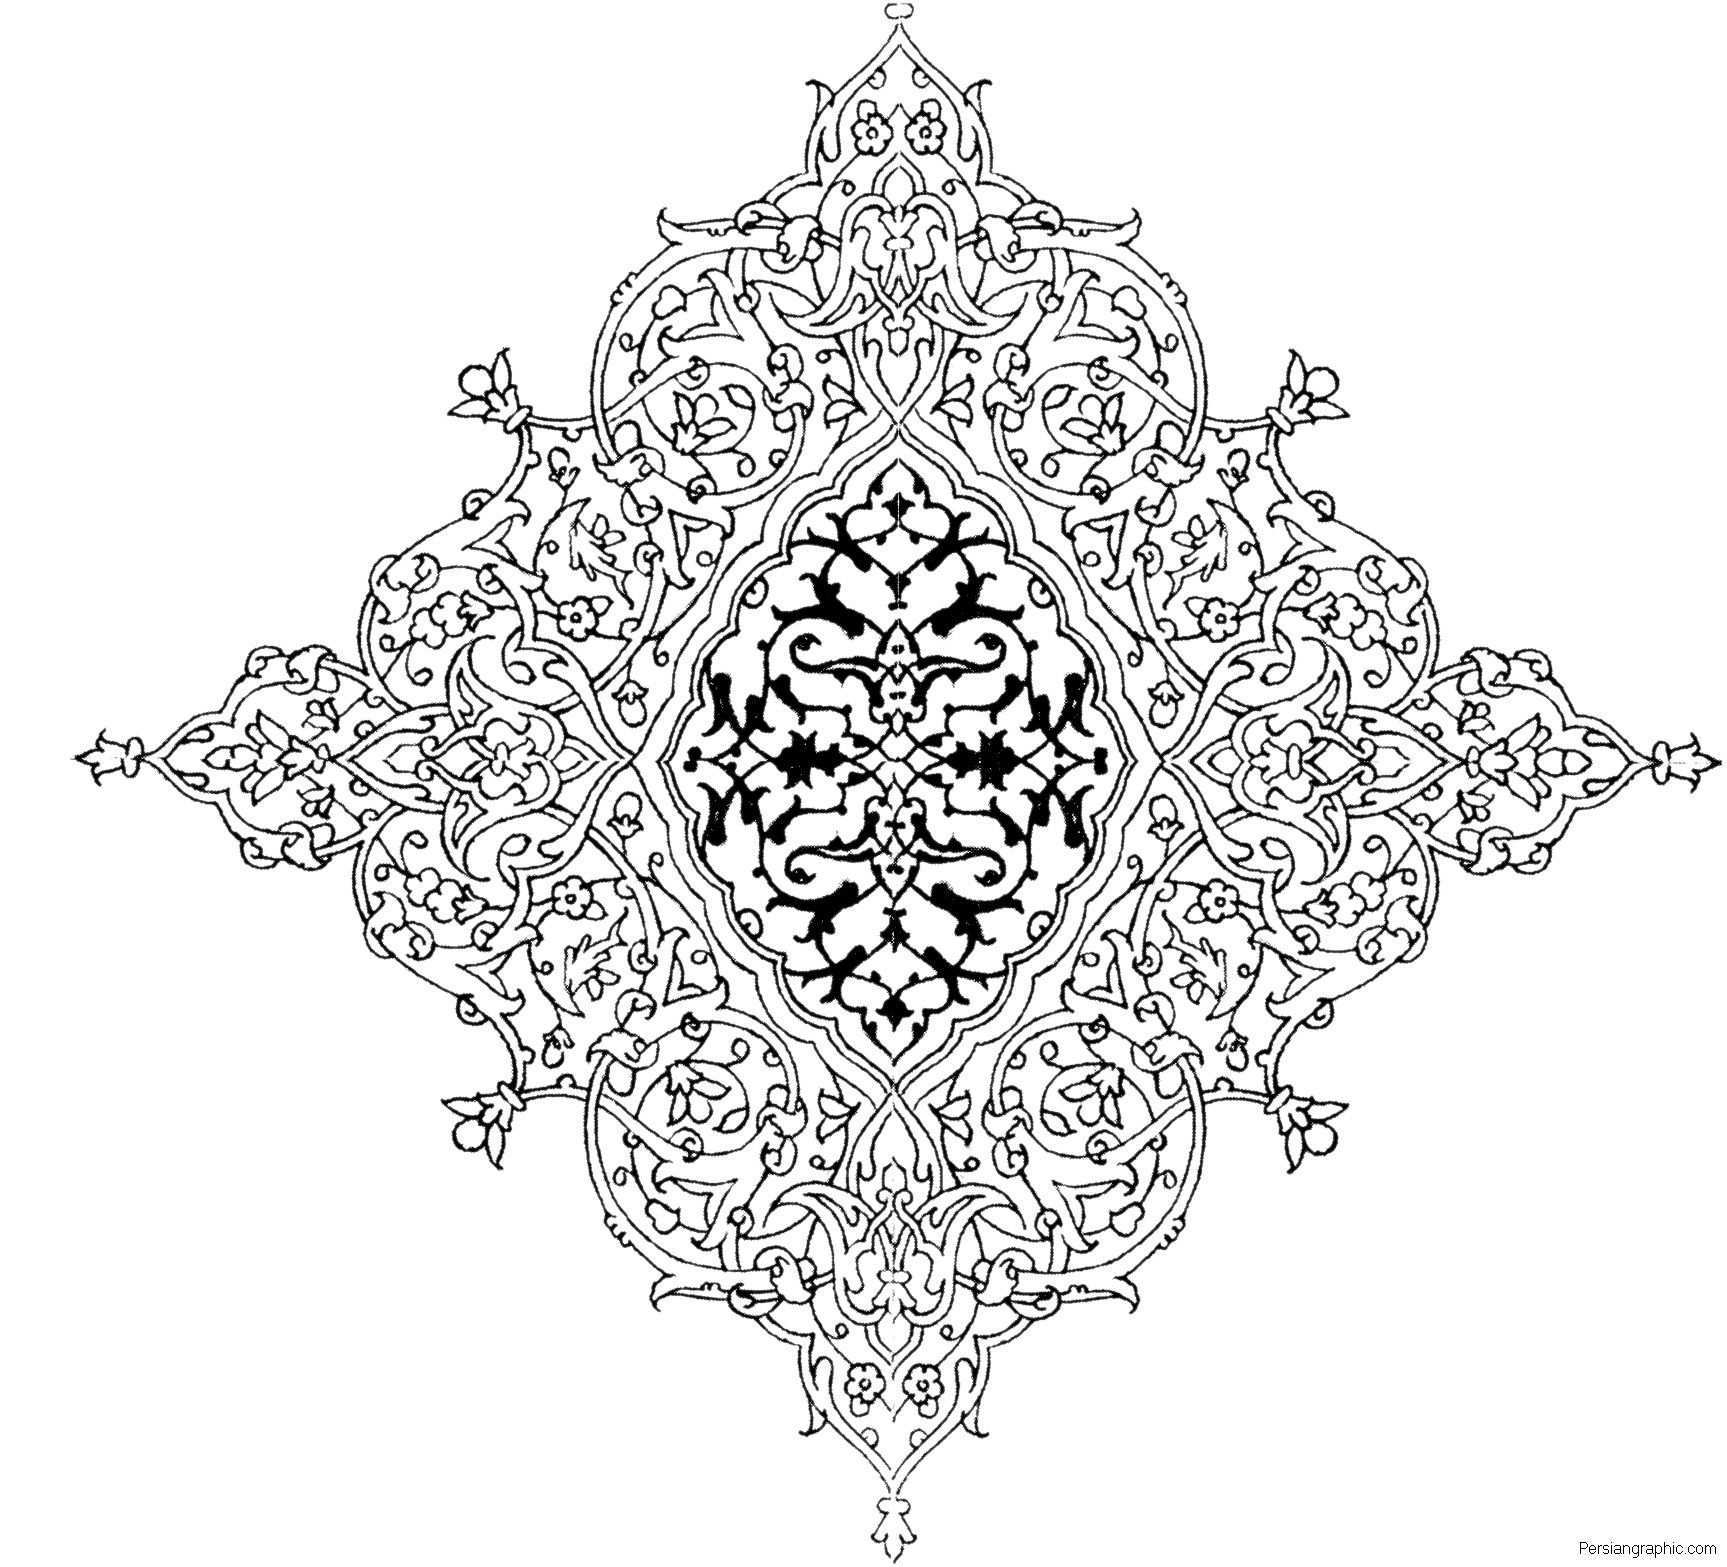 Eslimi 25 20091020 1129884660 Jpg 1727 1567 Ornamente Geometrisch Ausmalbilder